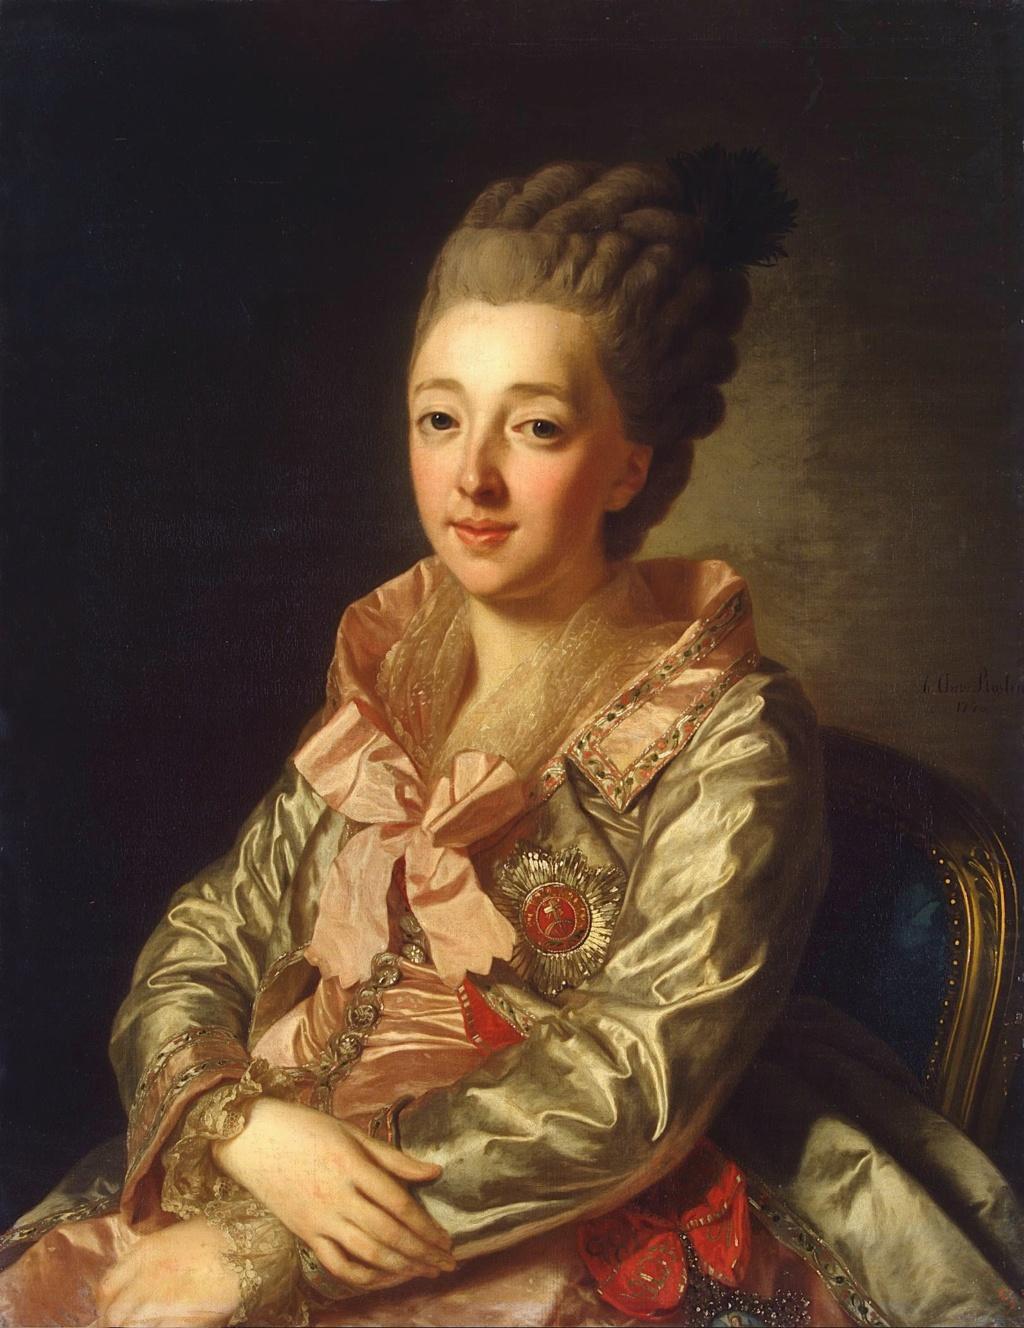 Les robes de grossesse au XVIIIème siècle Woa_im53